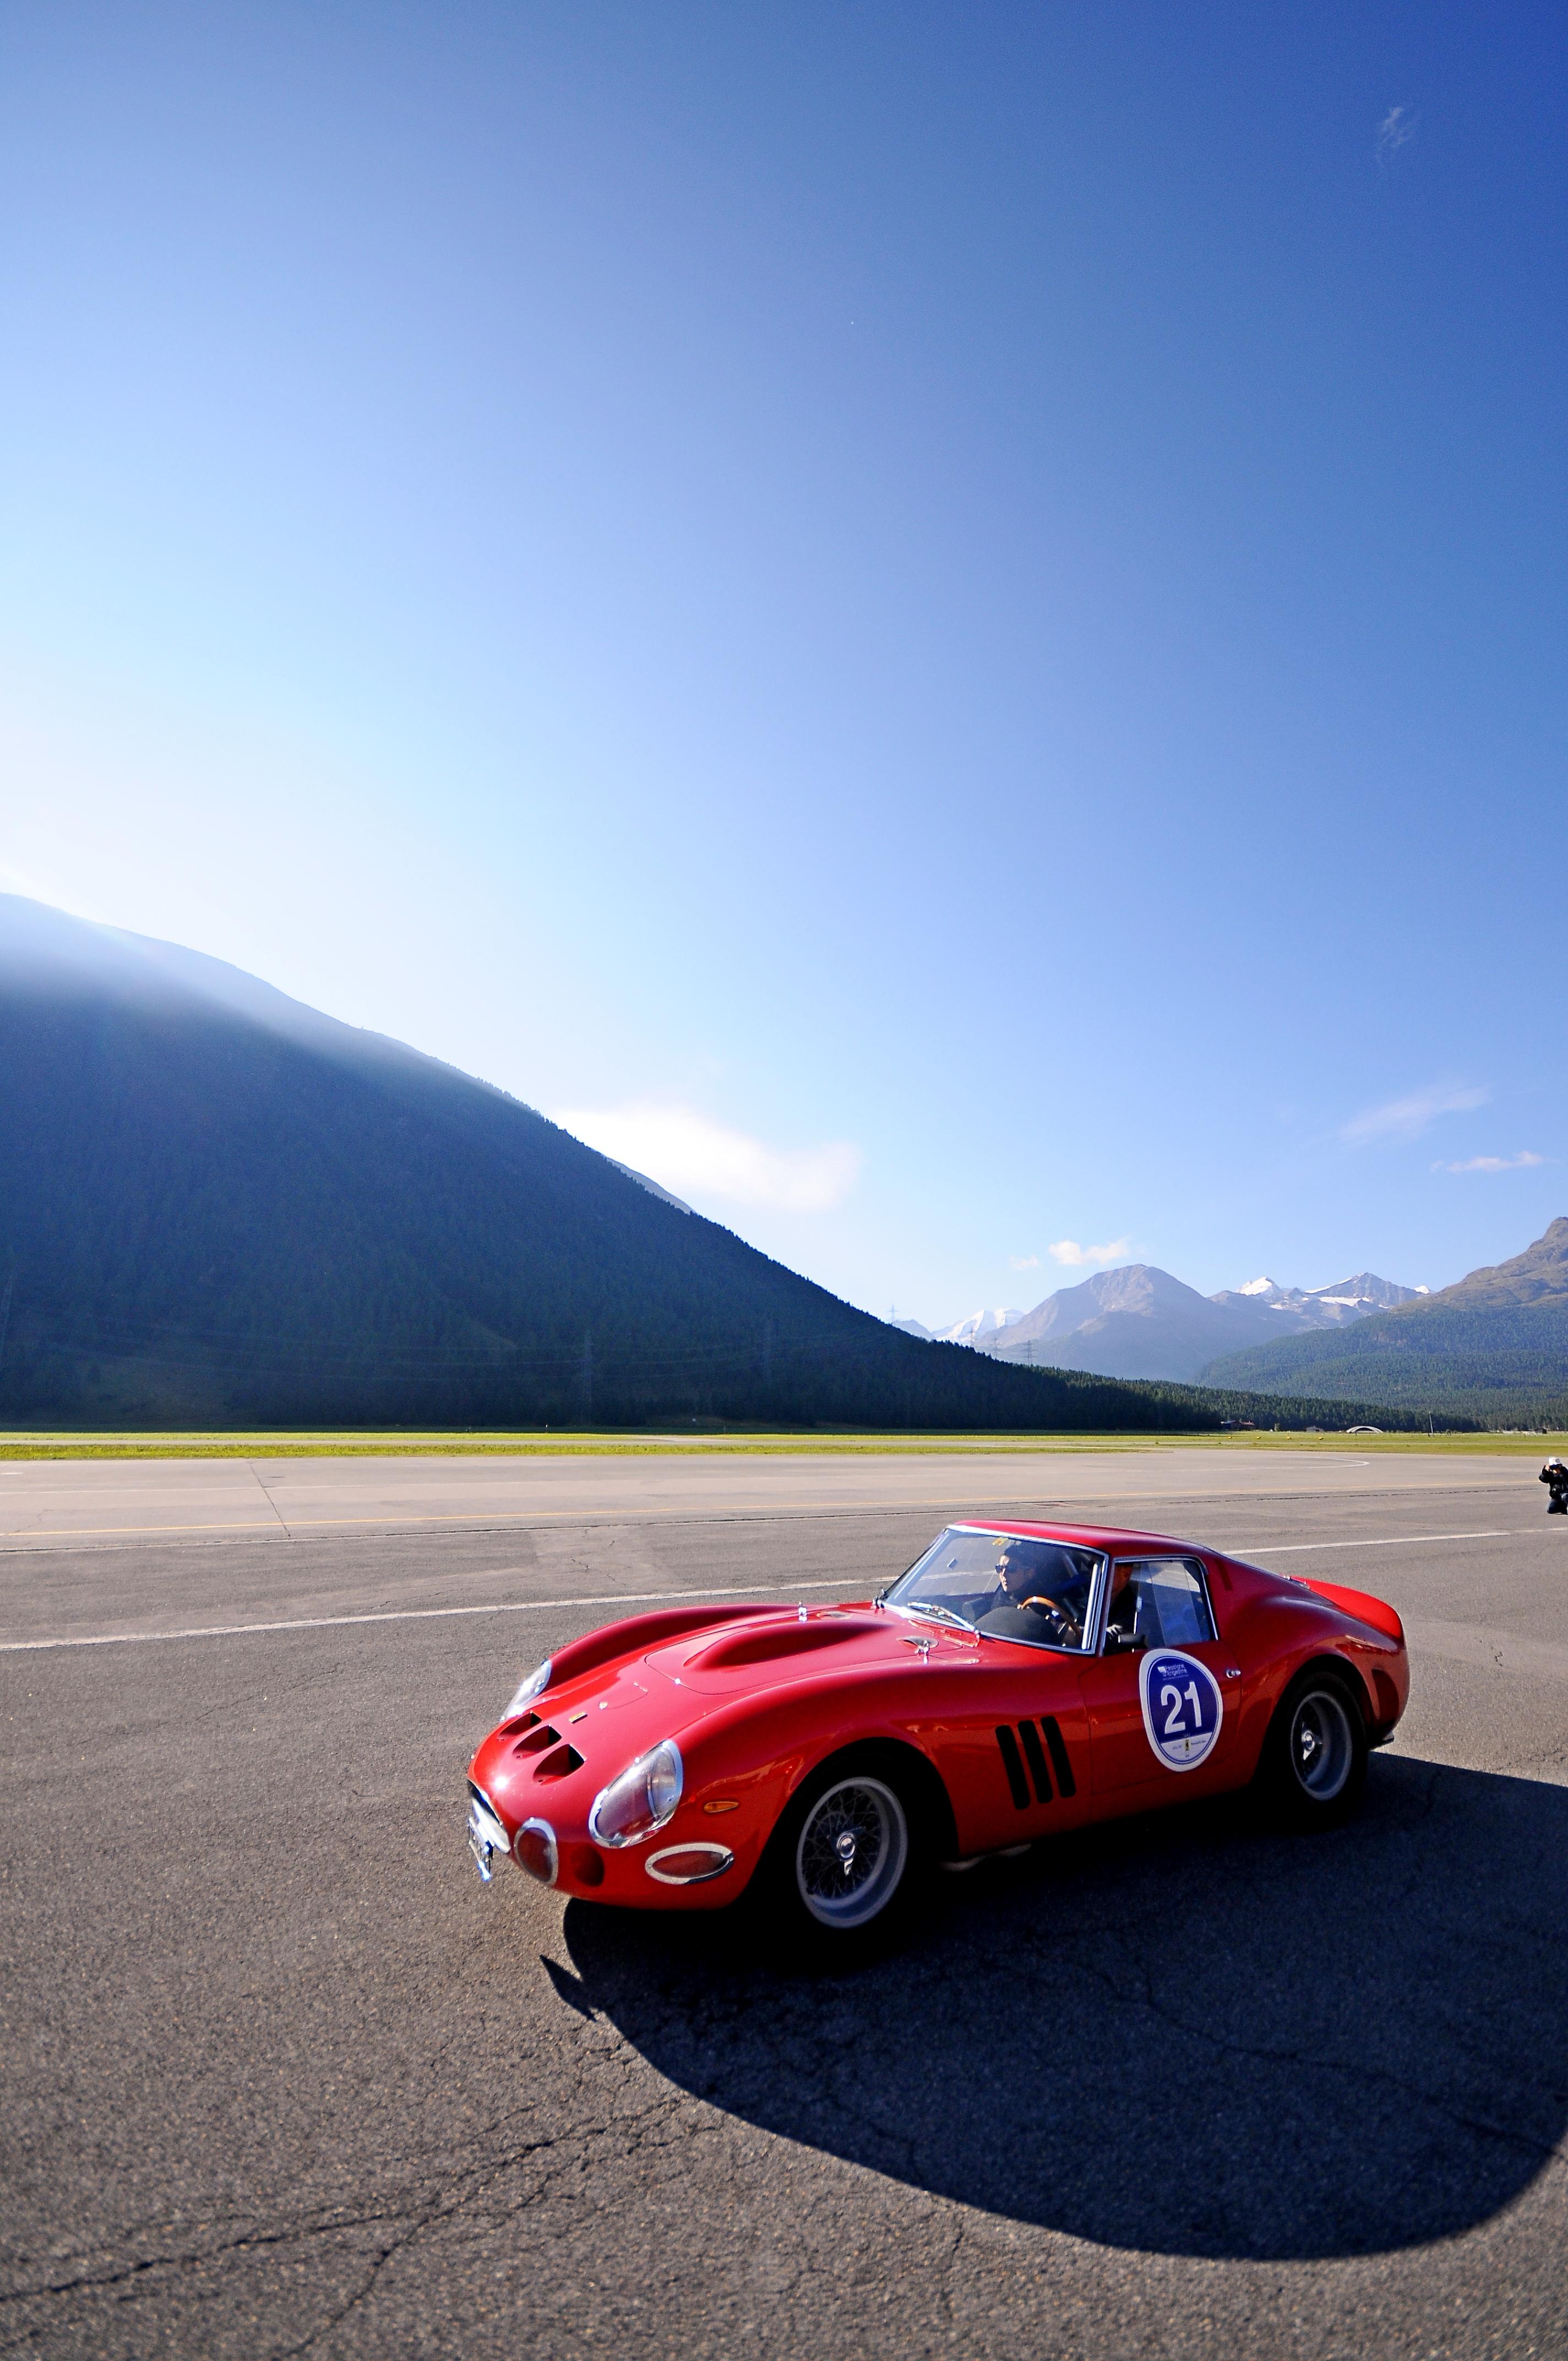 Ferrari_330_GTO_Allegretti_1964_foto_R_Deias